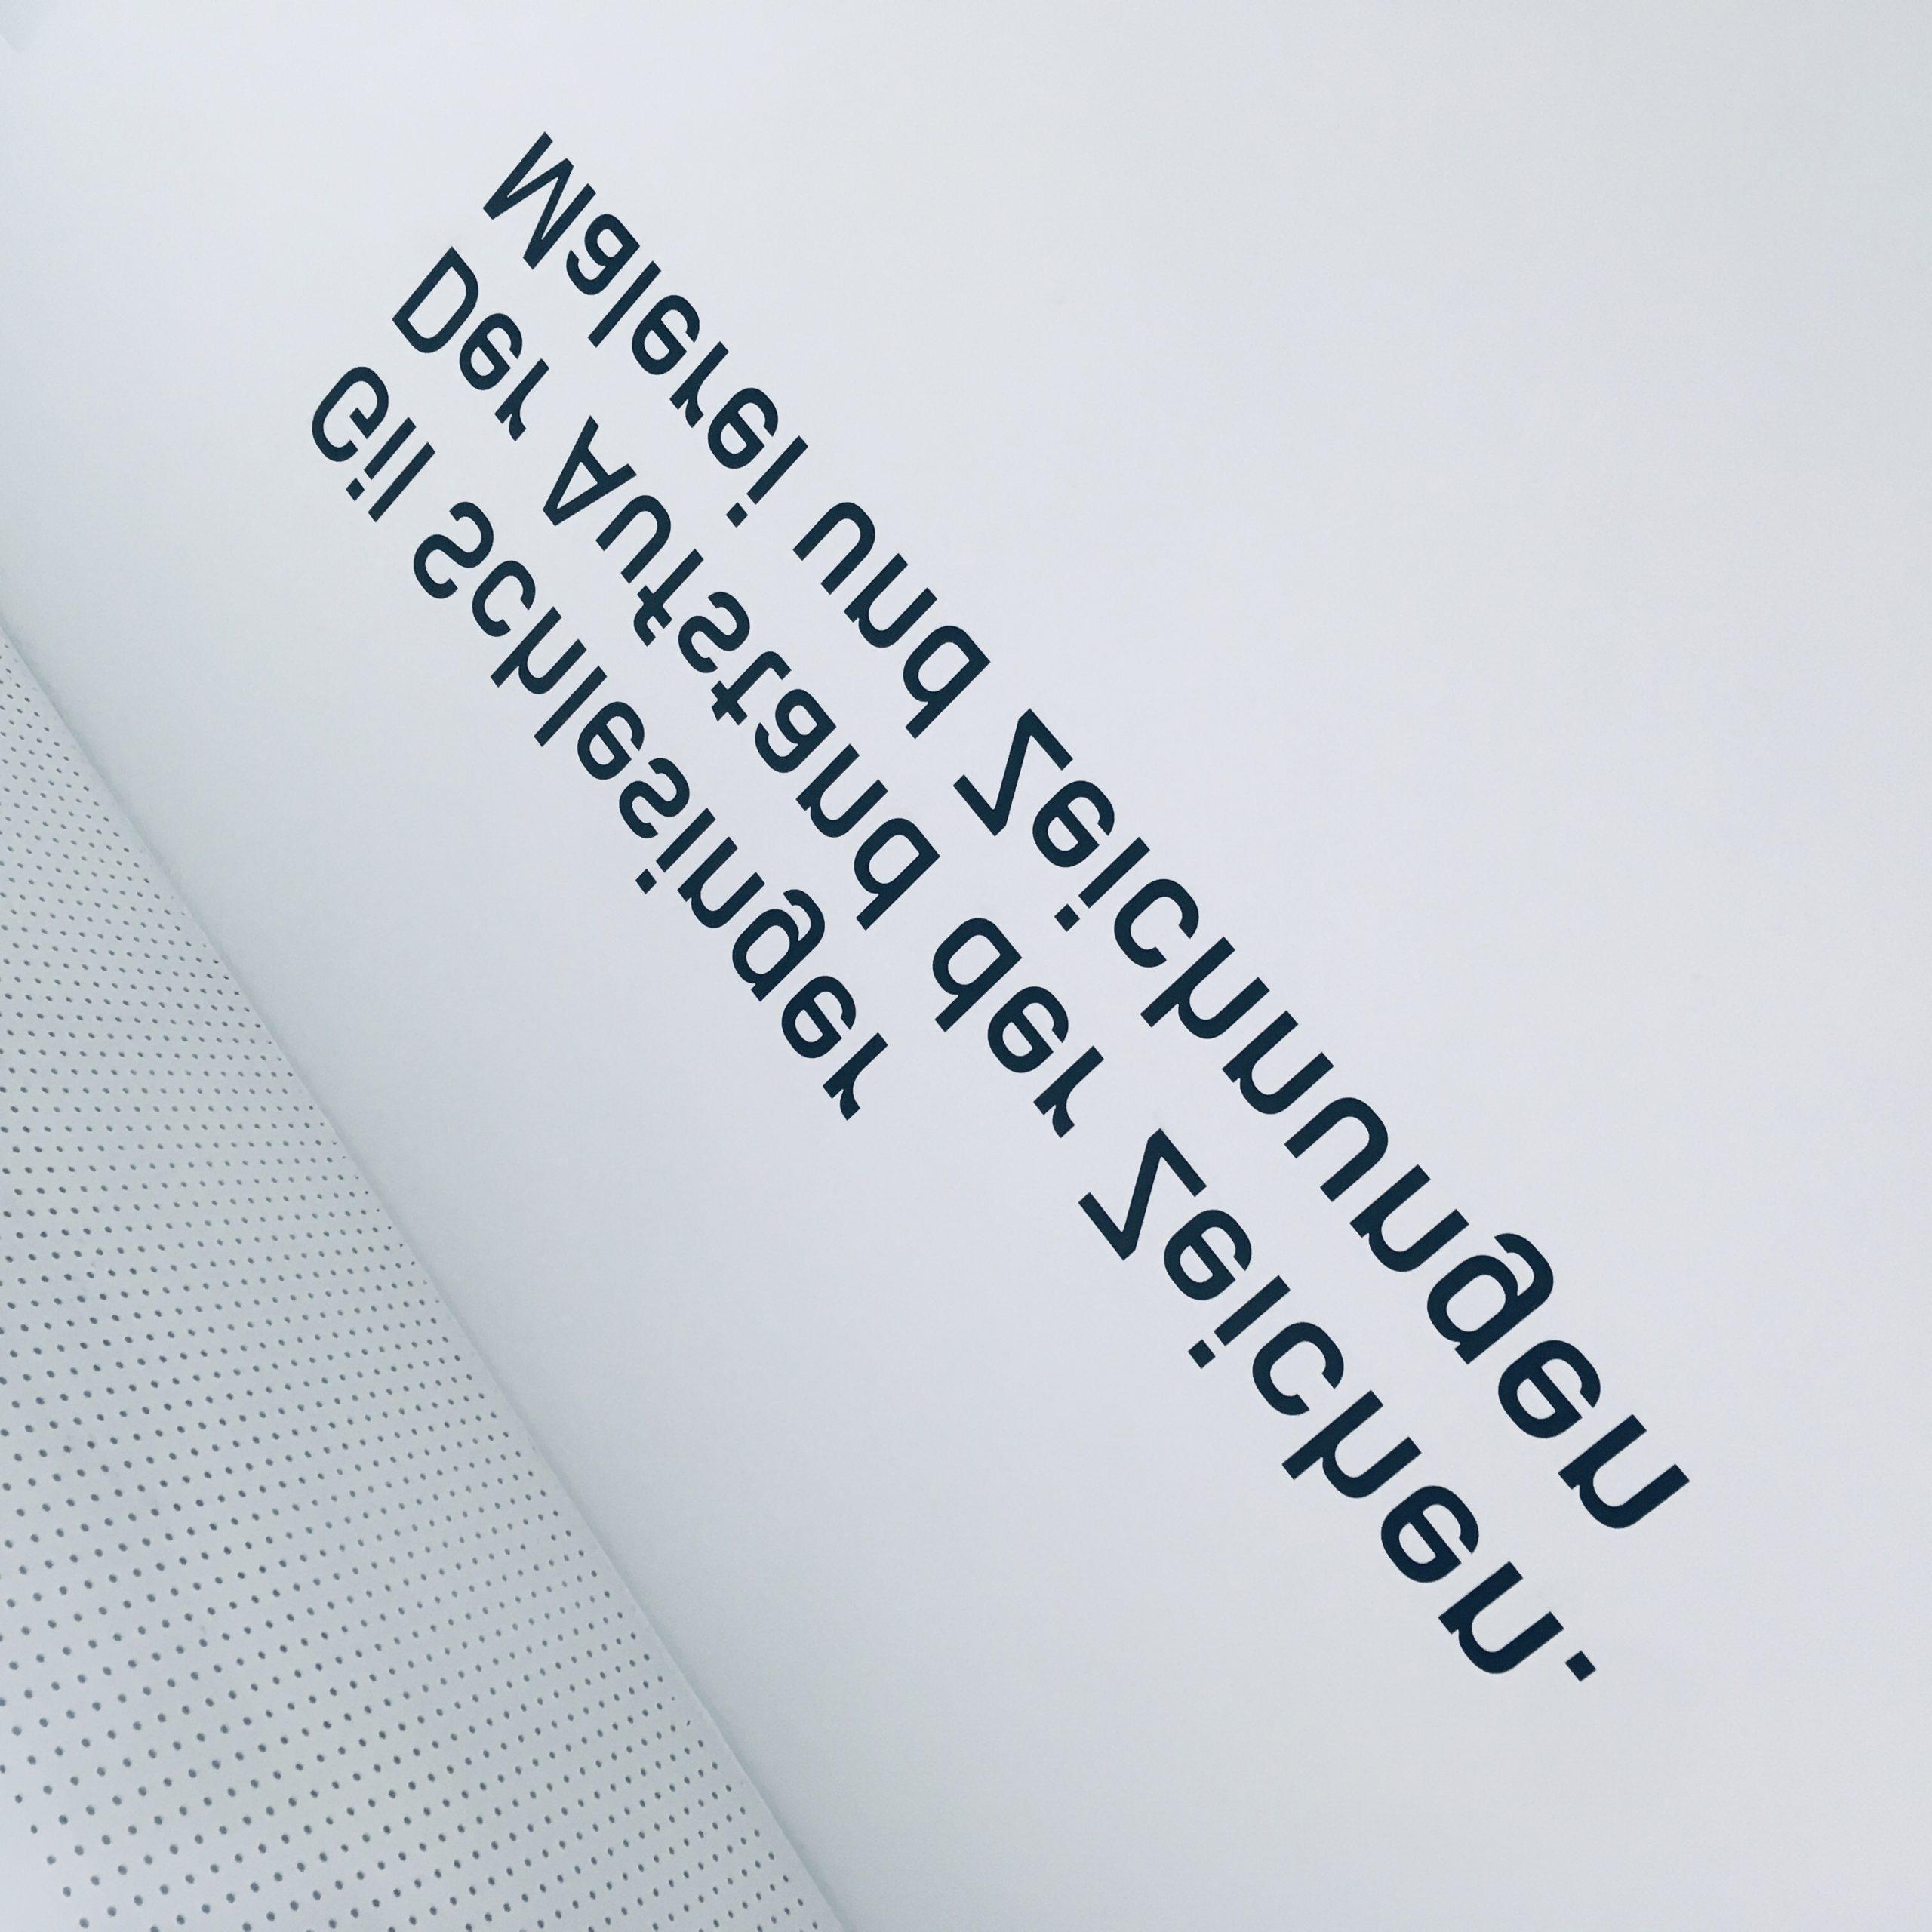 Aufstand der Zeichen im Brandenburgischen Landesmuseum für moderne Kunst